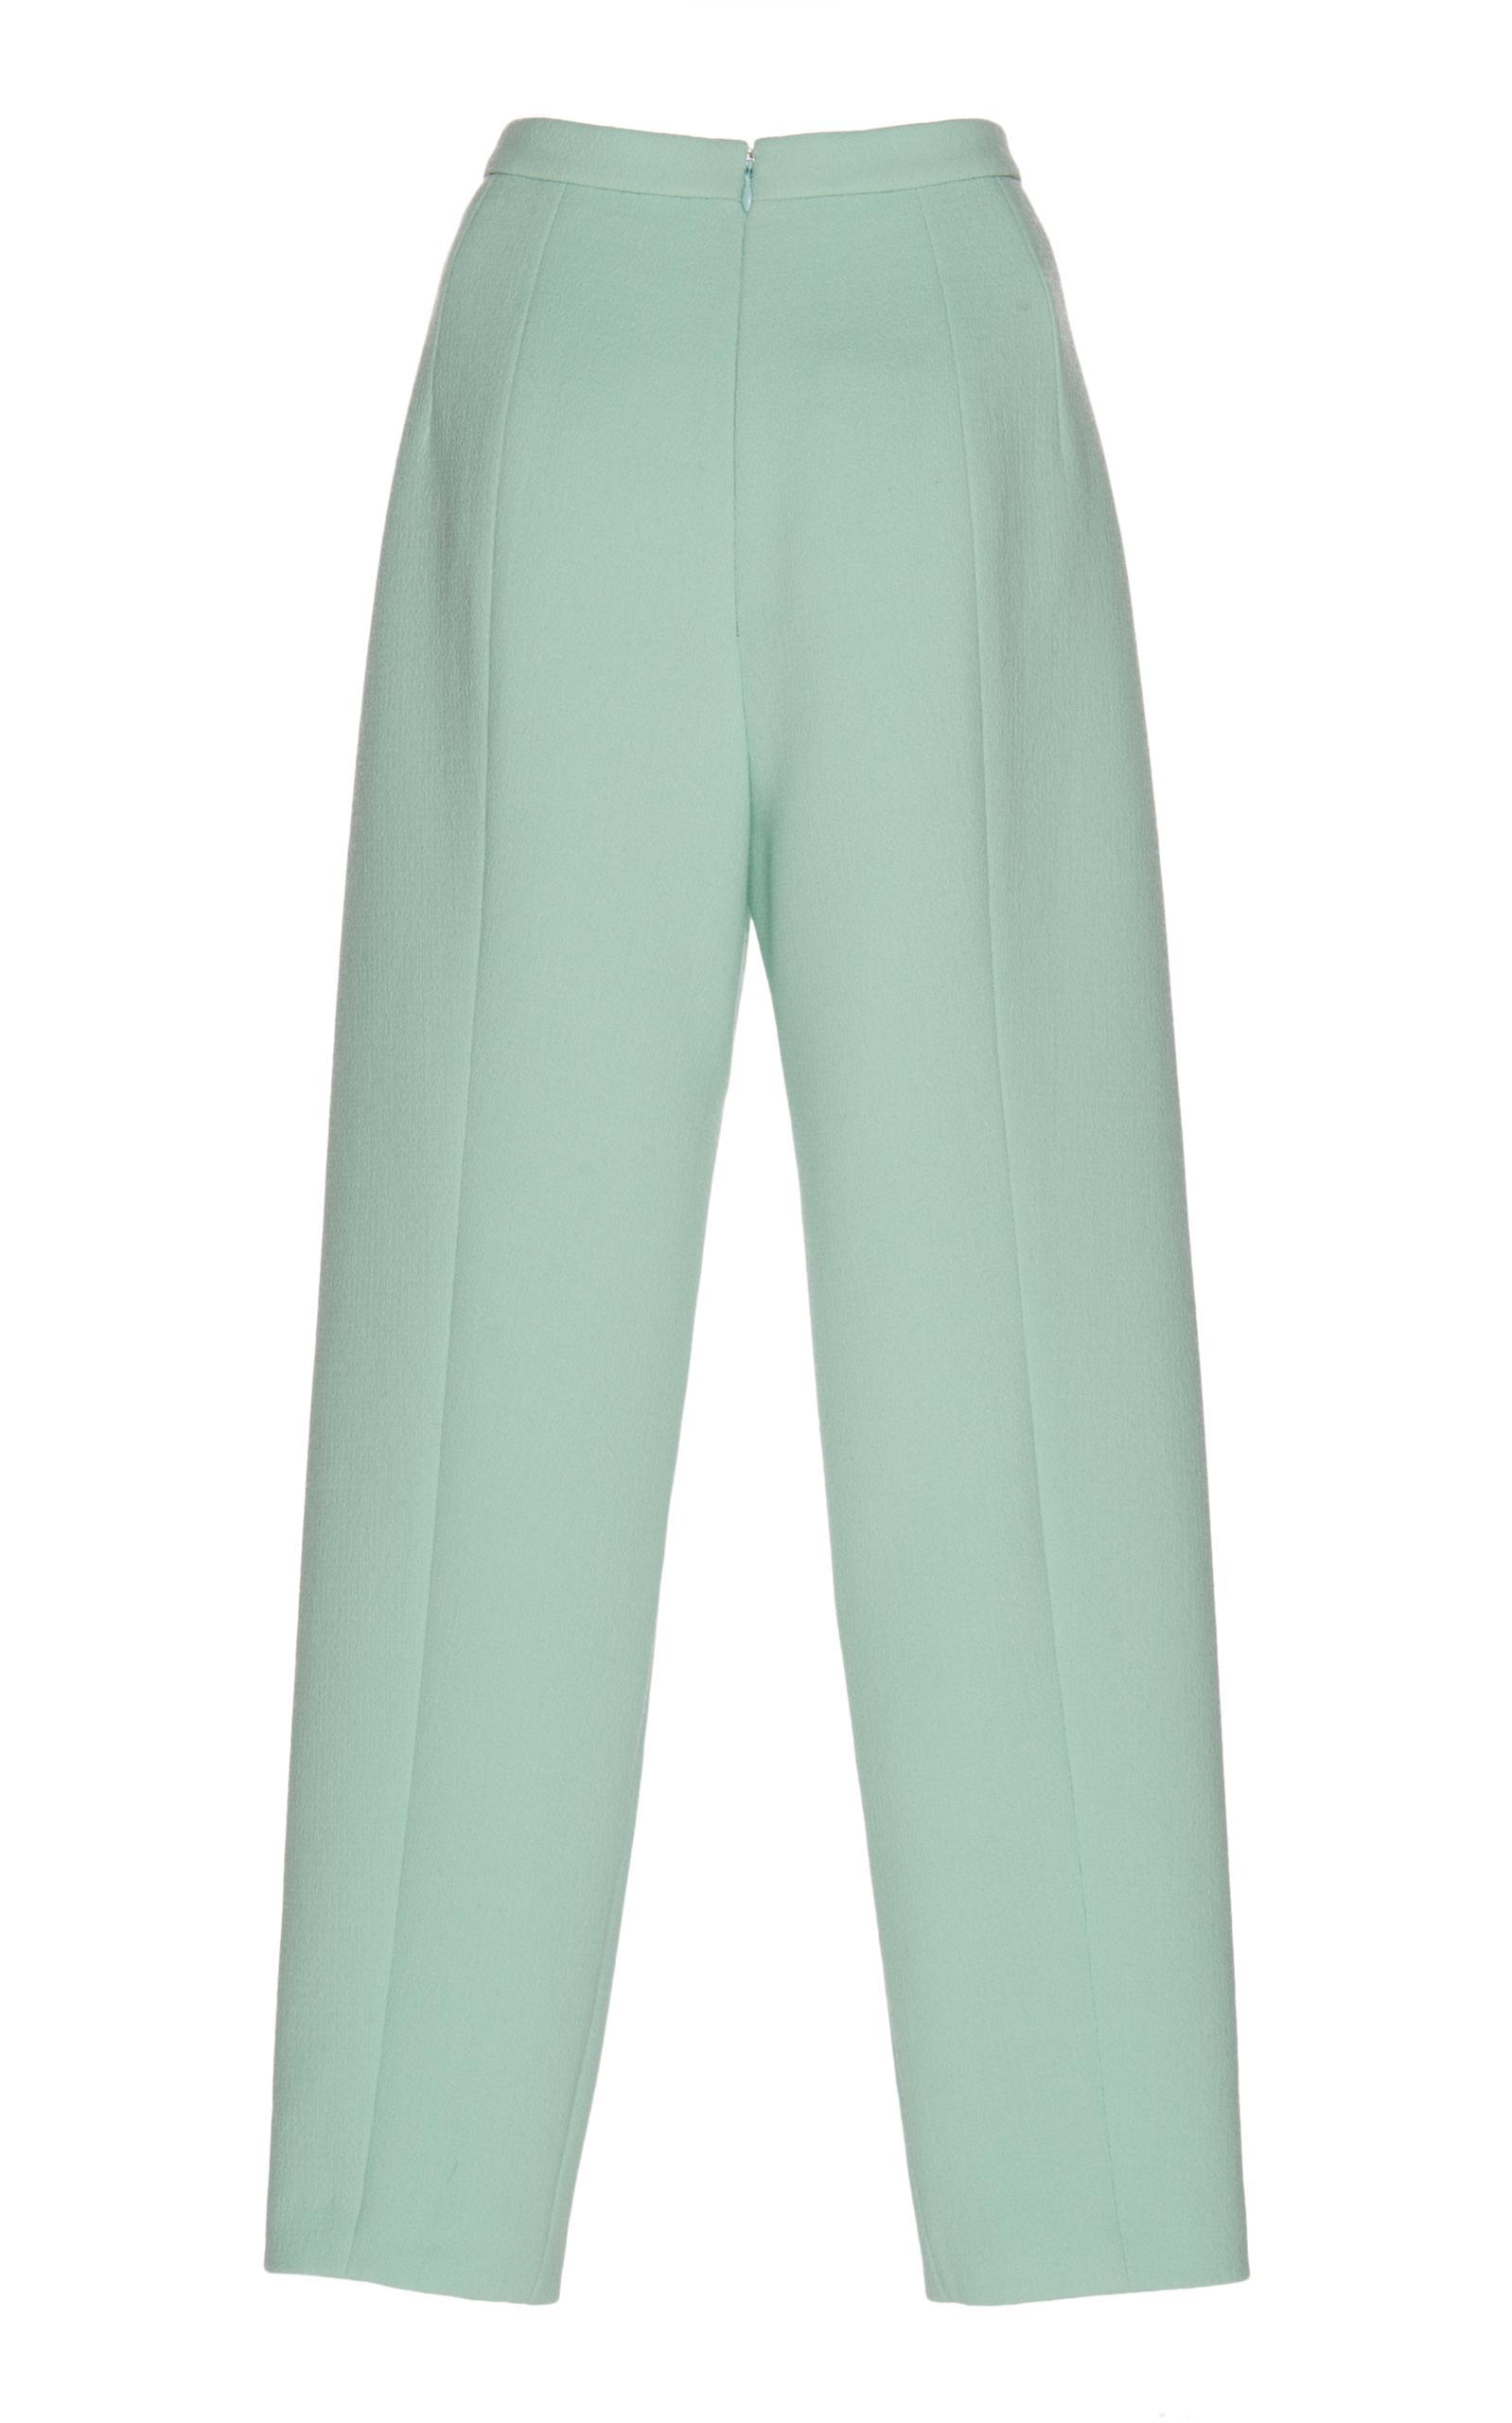 Delpozo Wool Pleated Crêpe Pants in Green